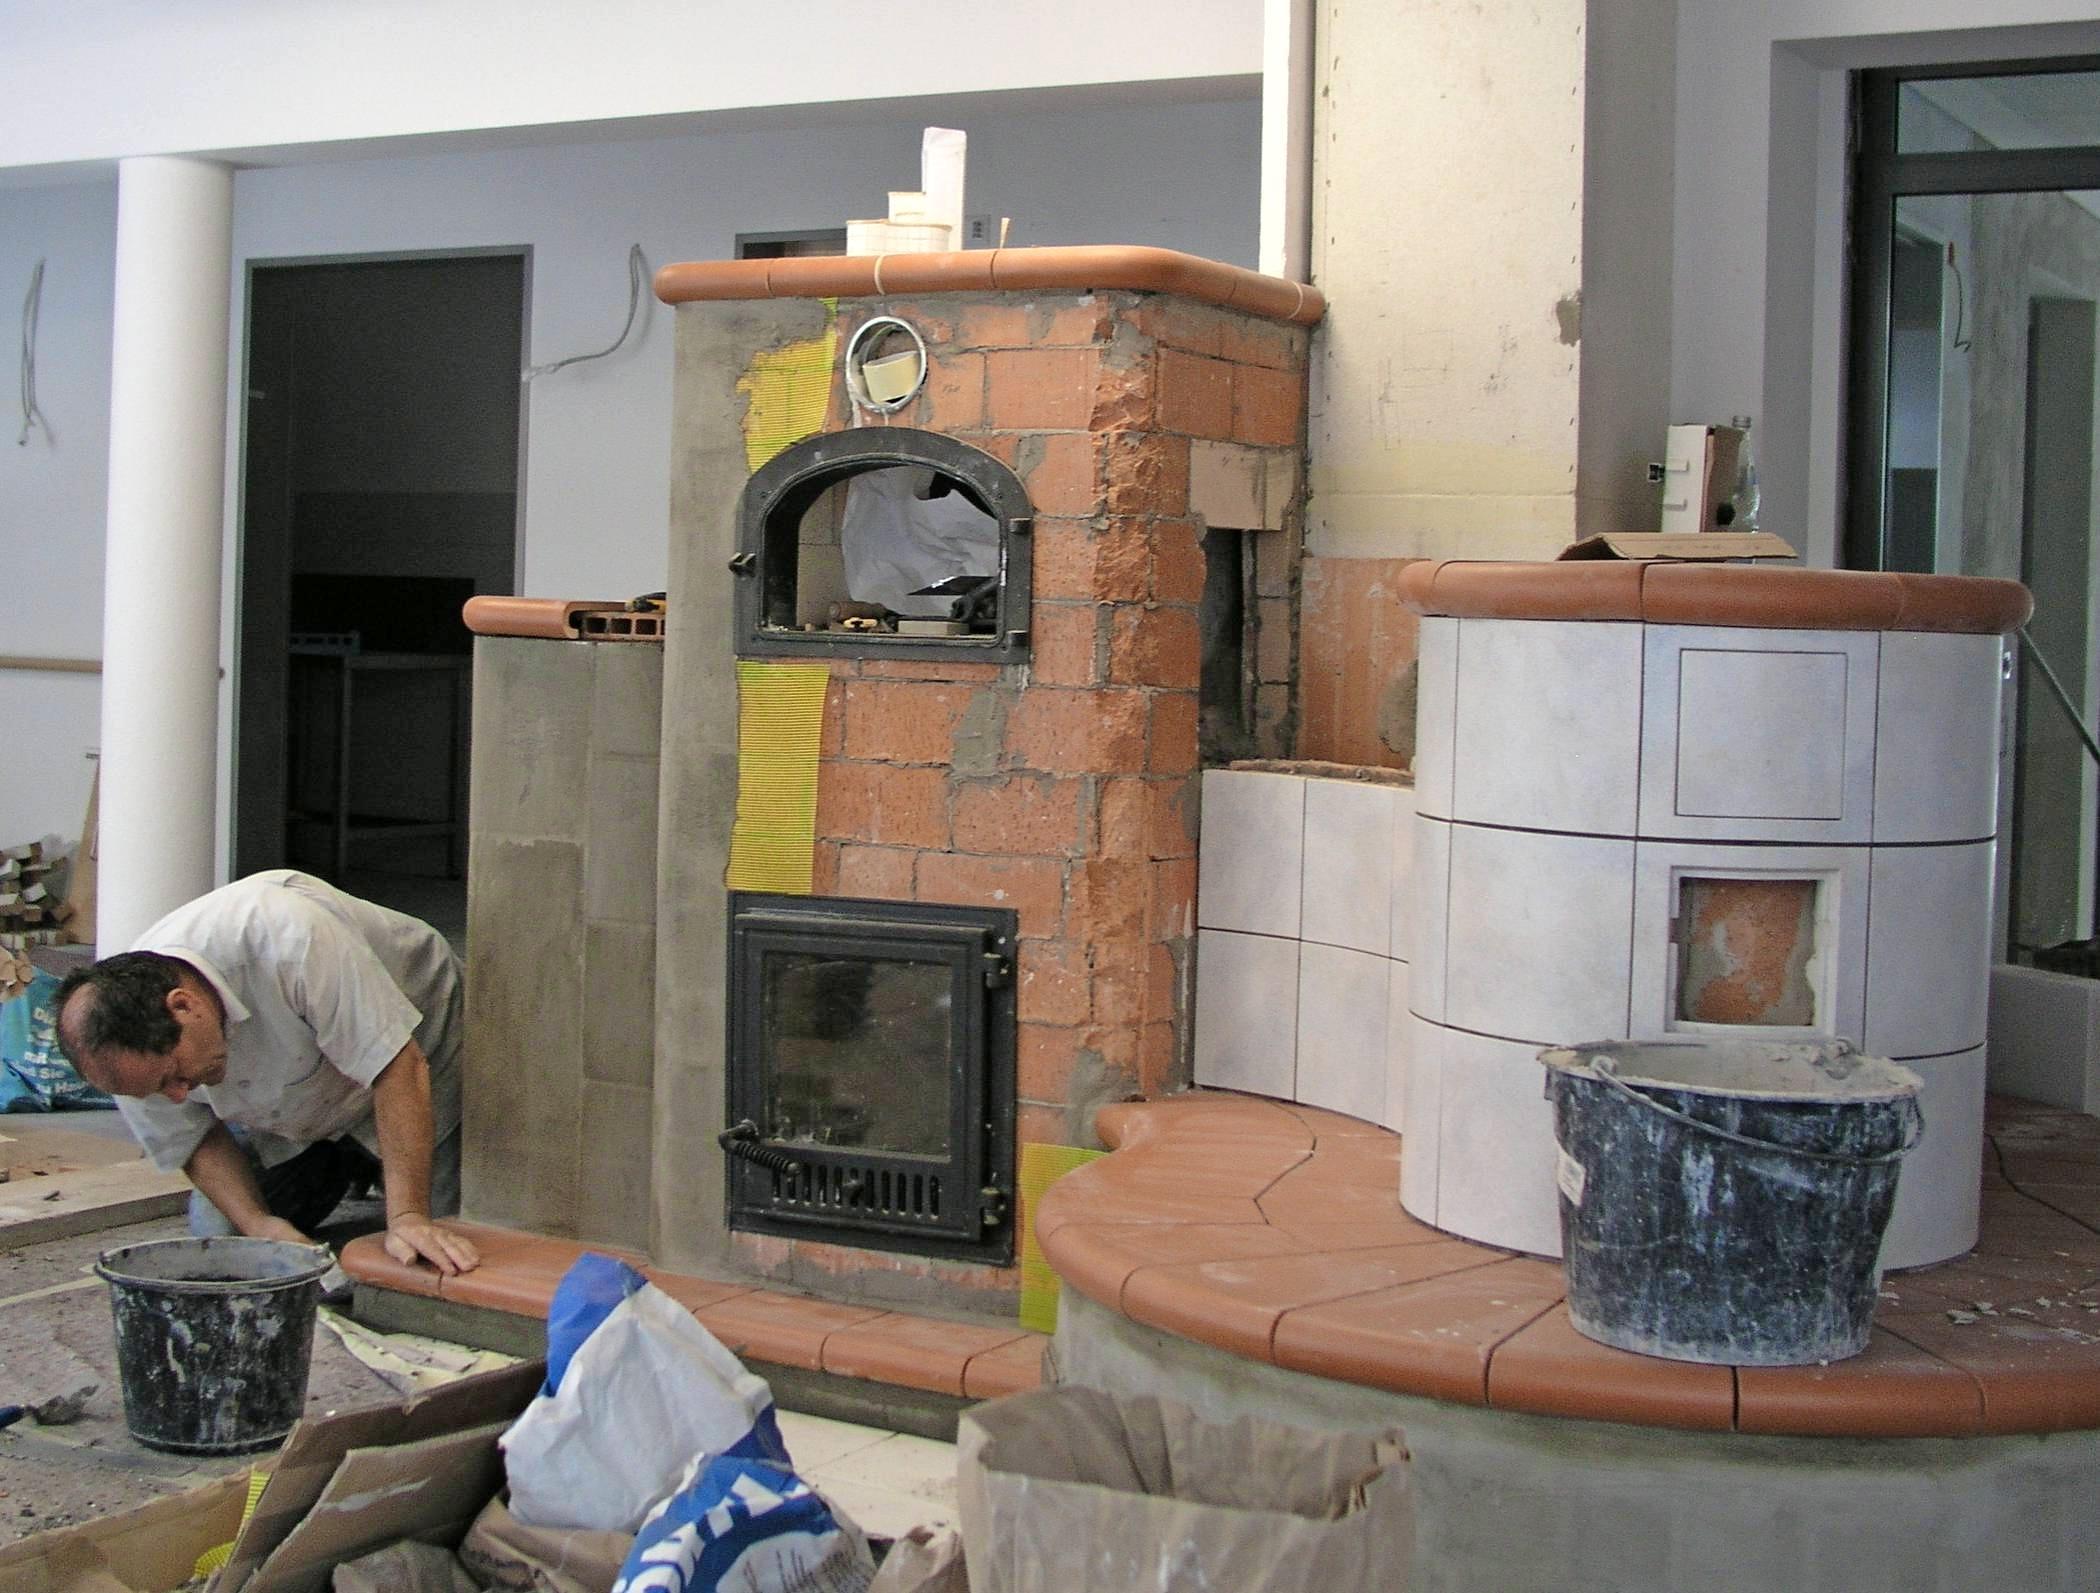 Der Bau eines Kachelofens ist aufwendig. Dafür hält der länger warm als ein Kaminofen (Bild unten). Fotos: dpa